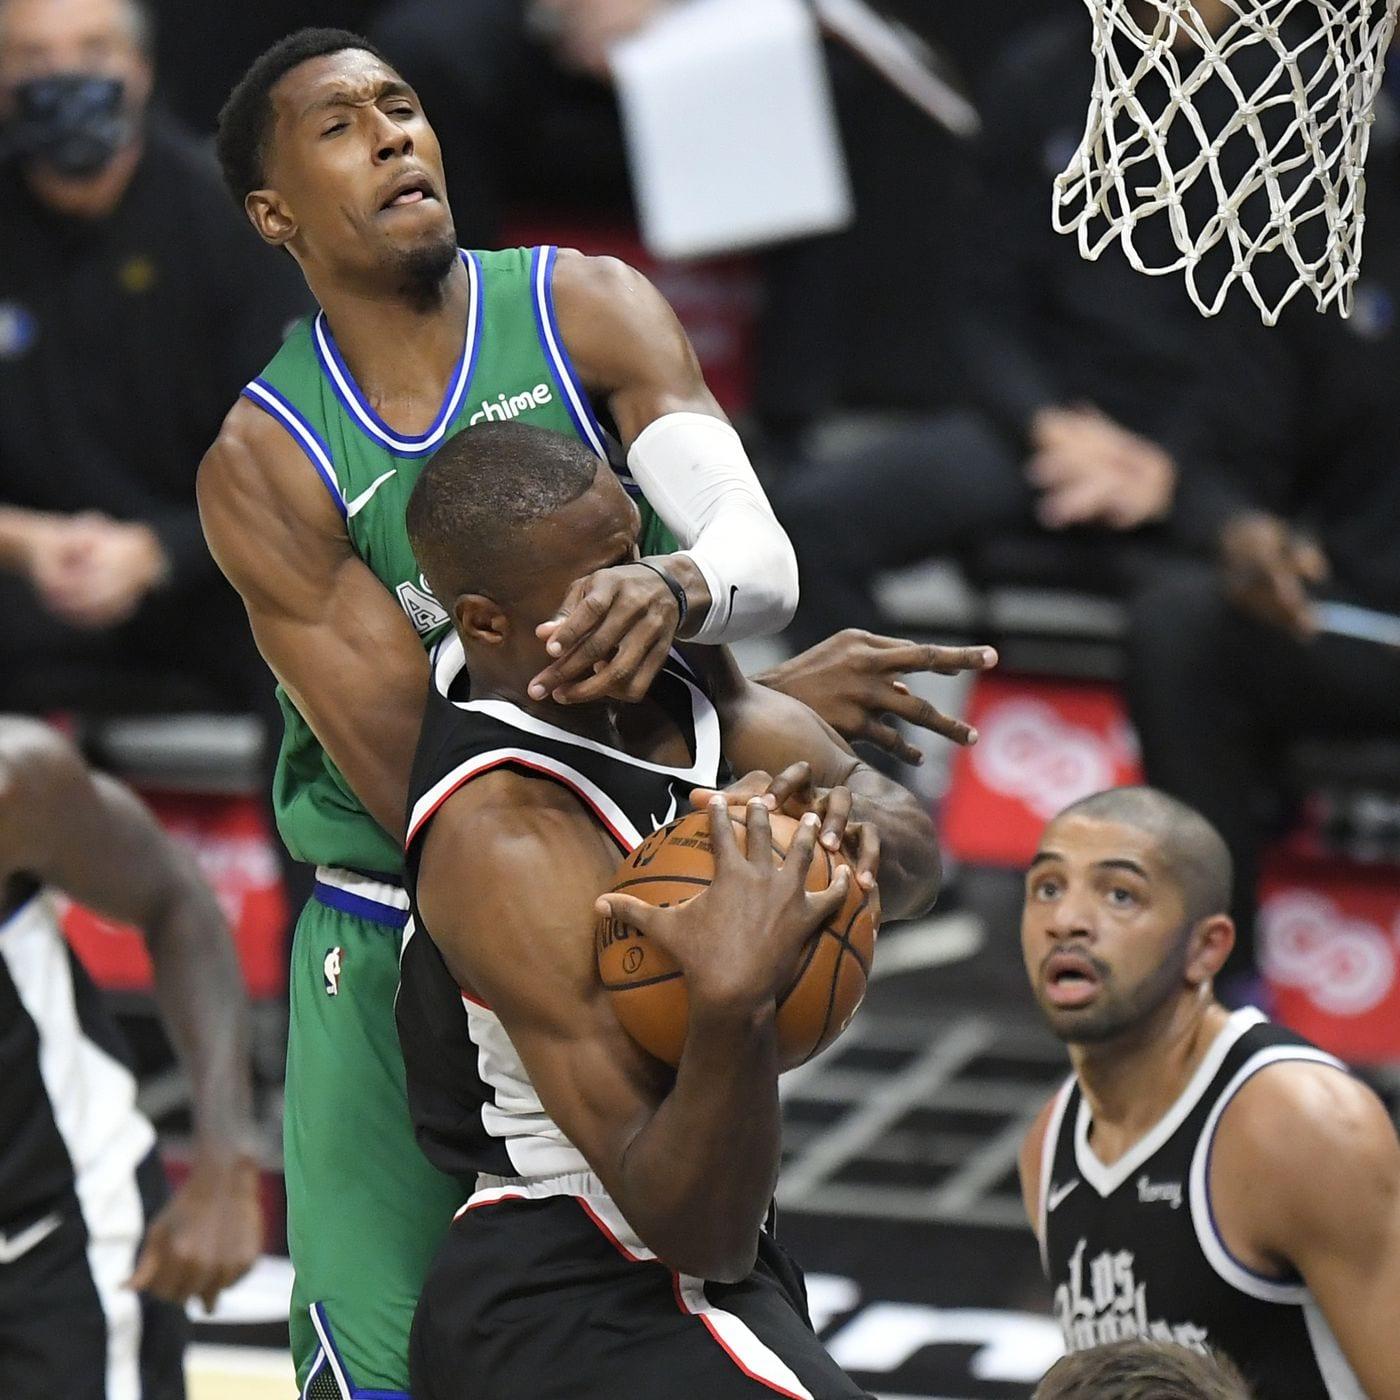 Dallas Mavericks Score Biggest Halftime Lead in NBA History